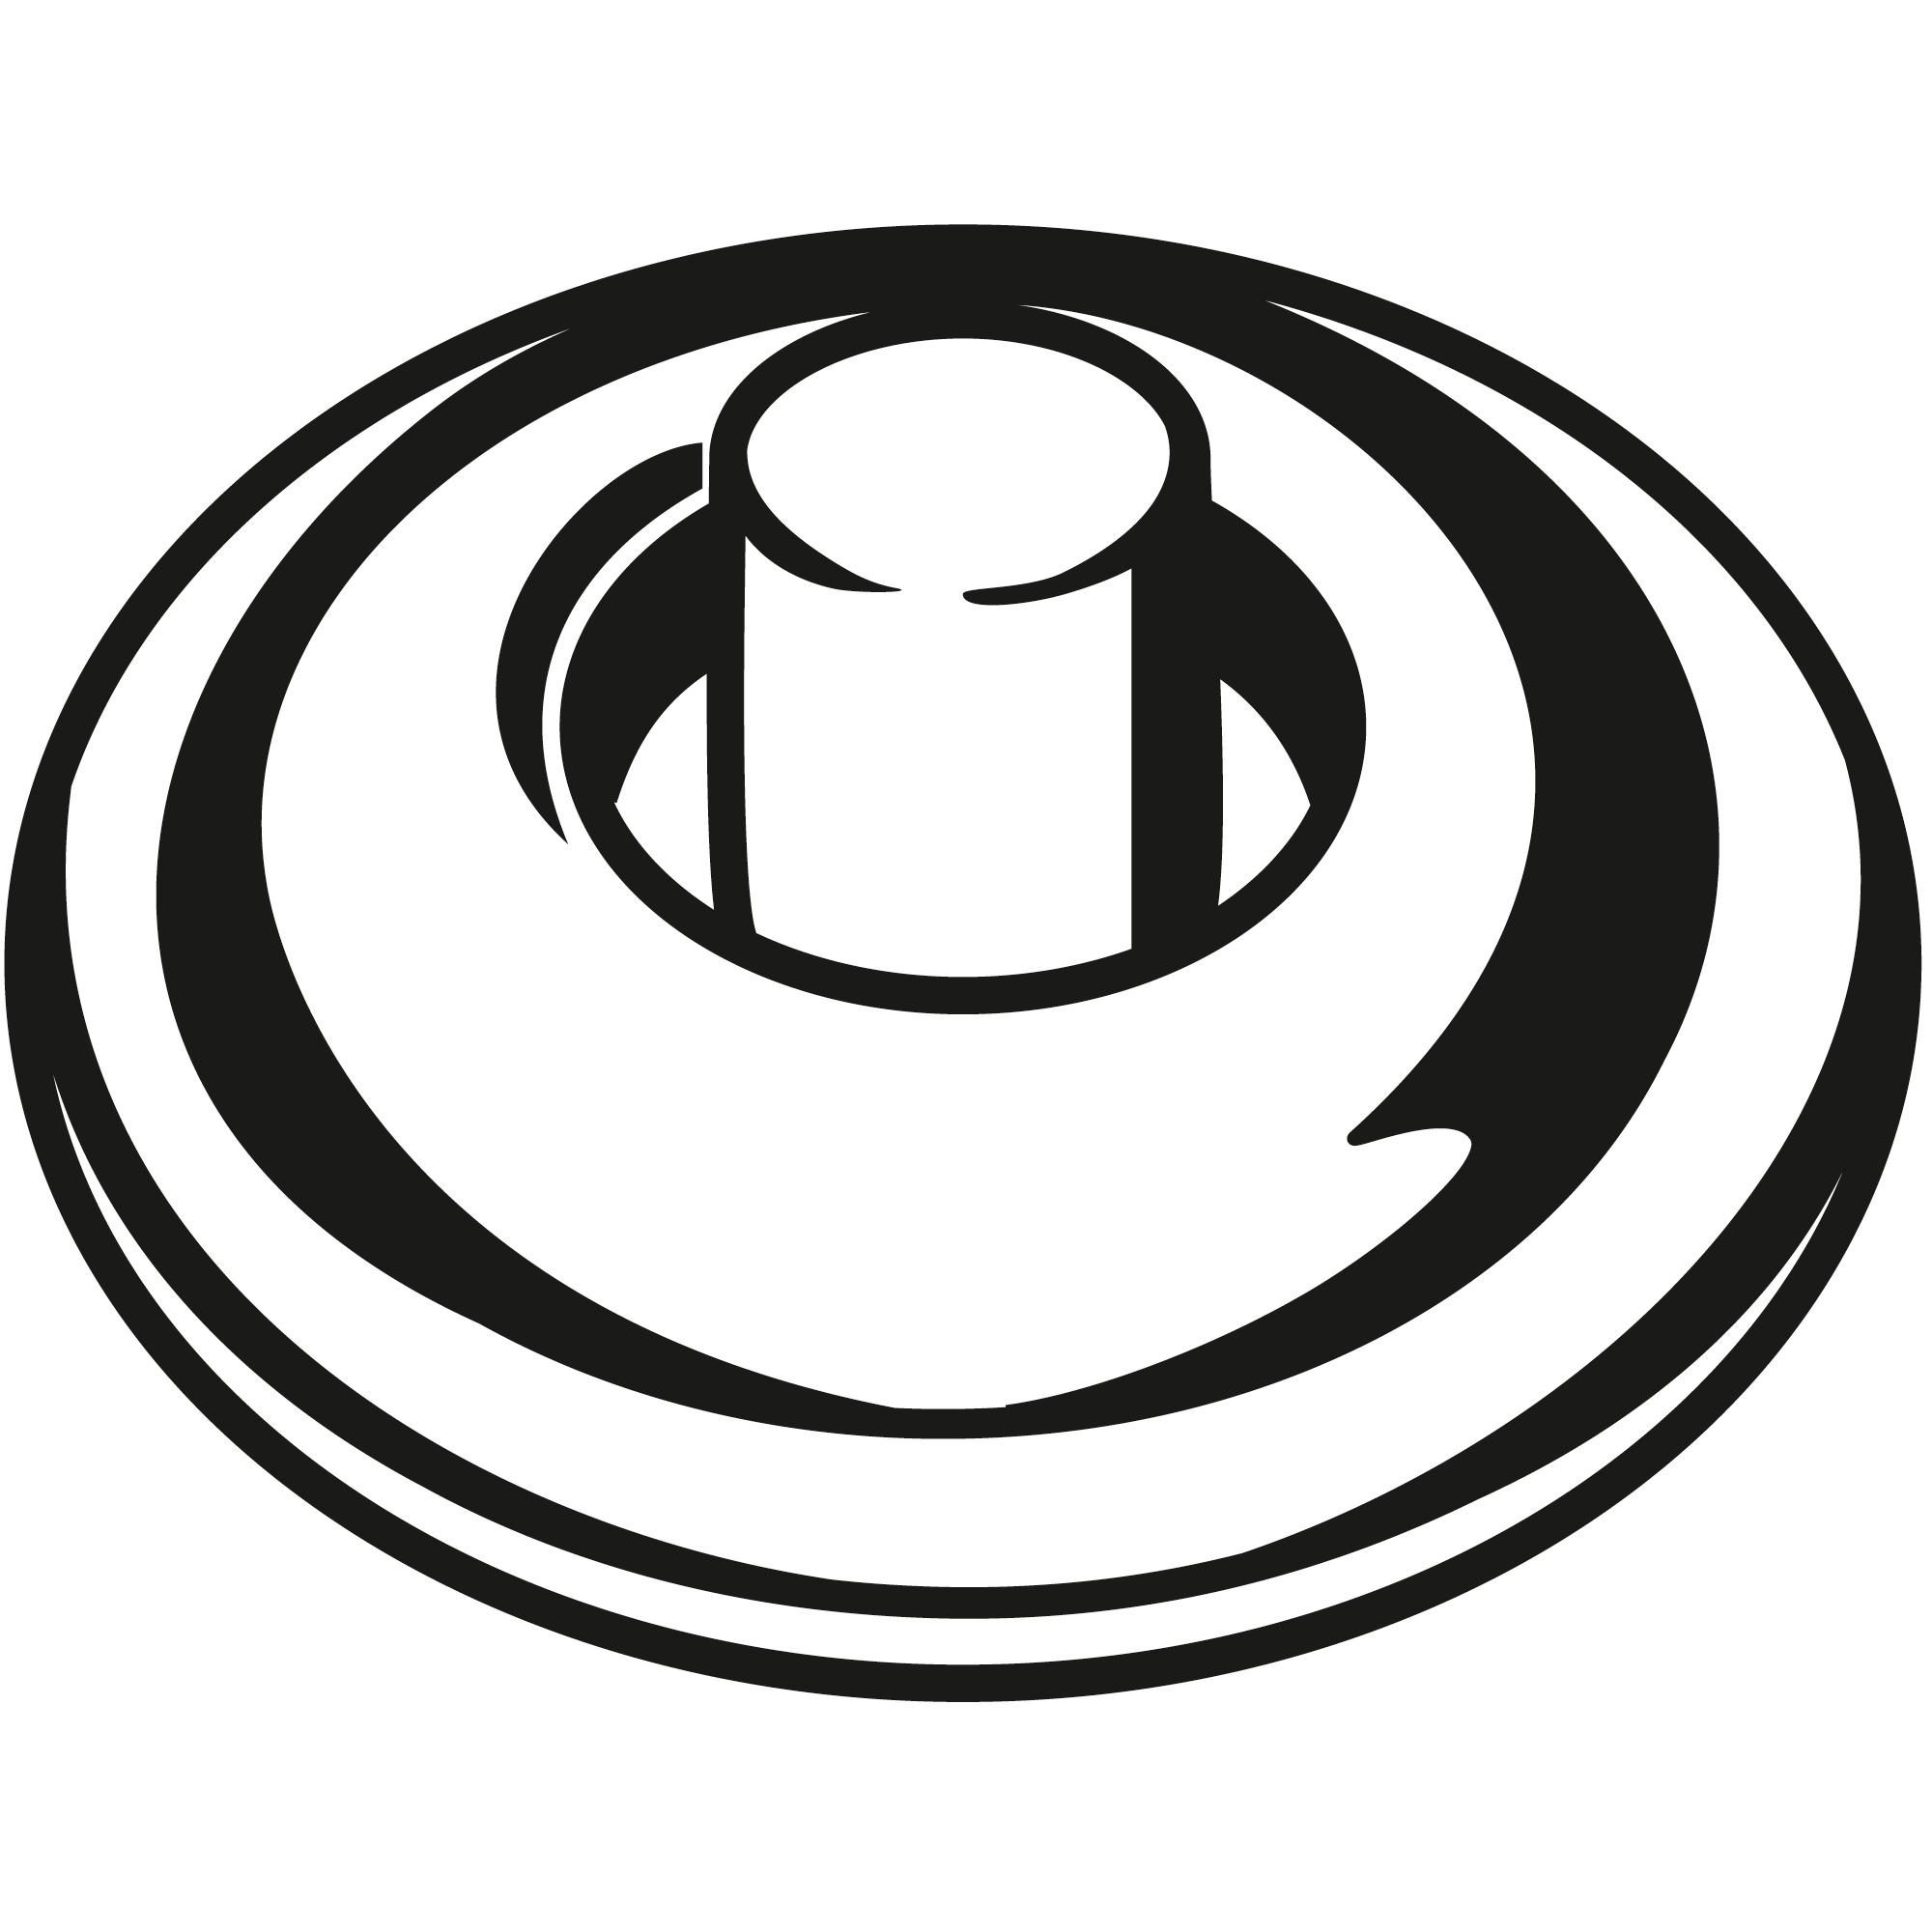 WMF Kochsignal-Dichtung für Schnellkochtopf Perfect RDS / Perfect Plus